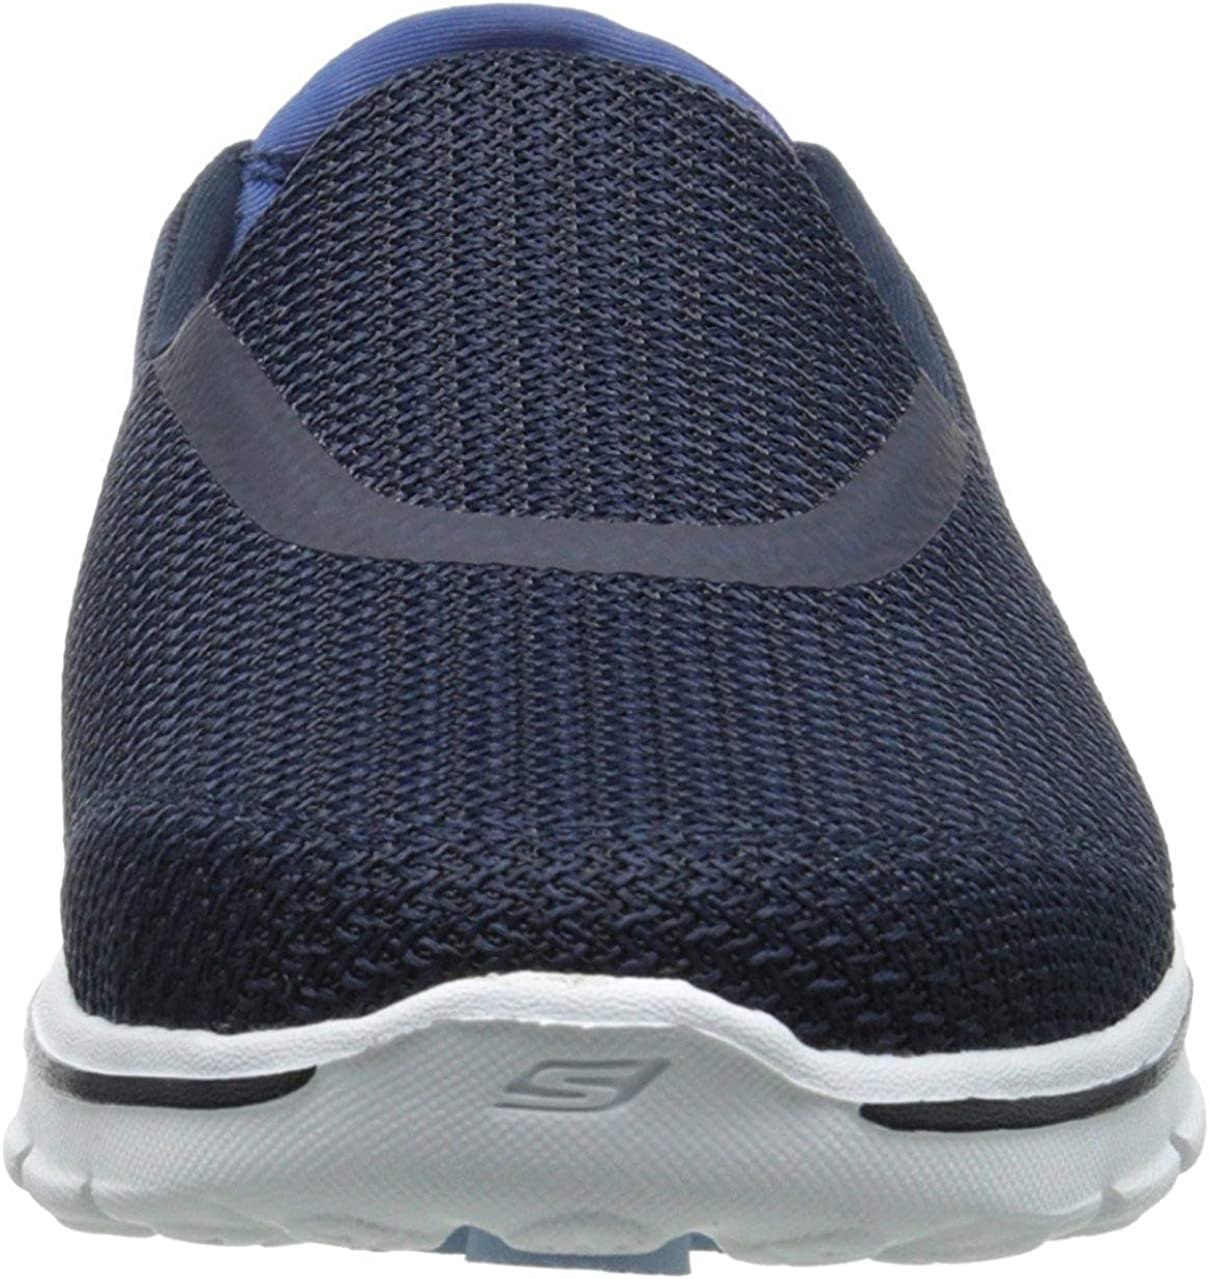 Skechers Go Walk 3, Zapatillas Mujer Azul Nvw IPe6M